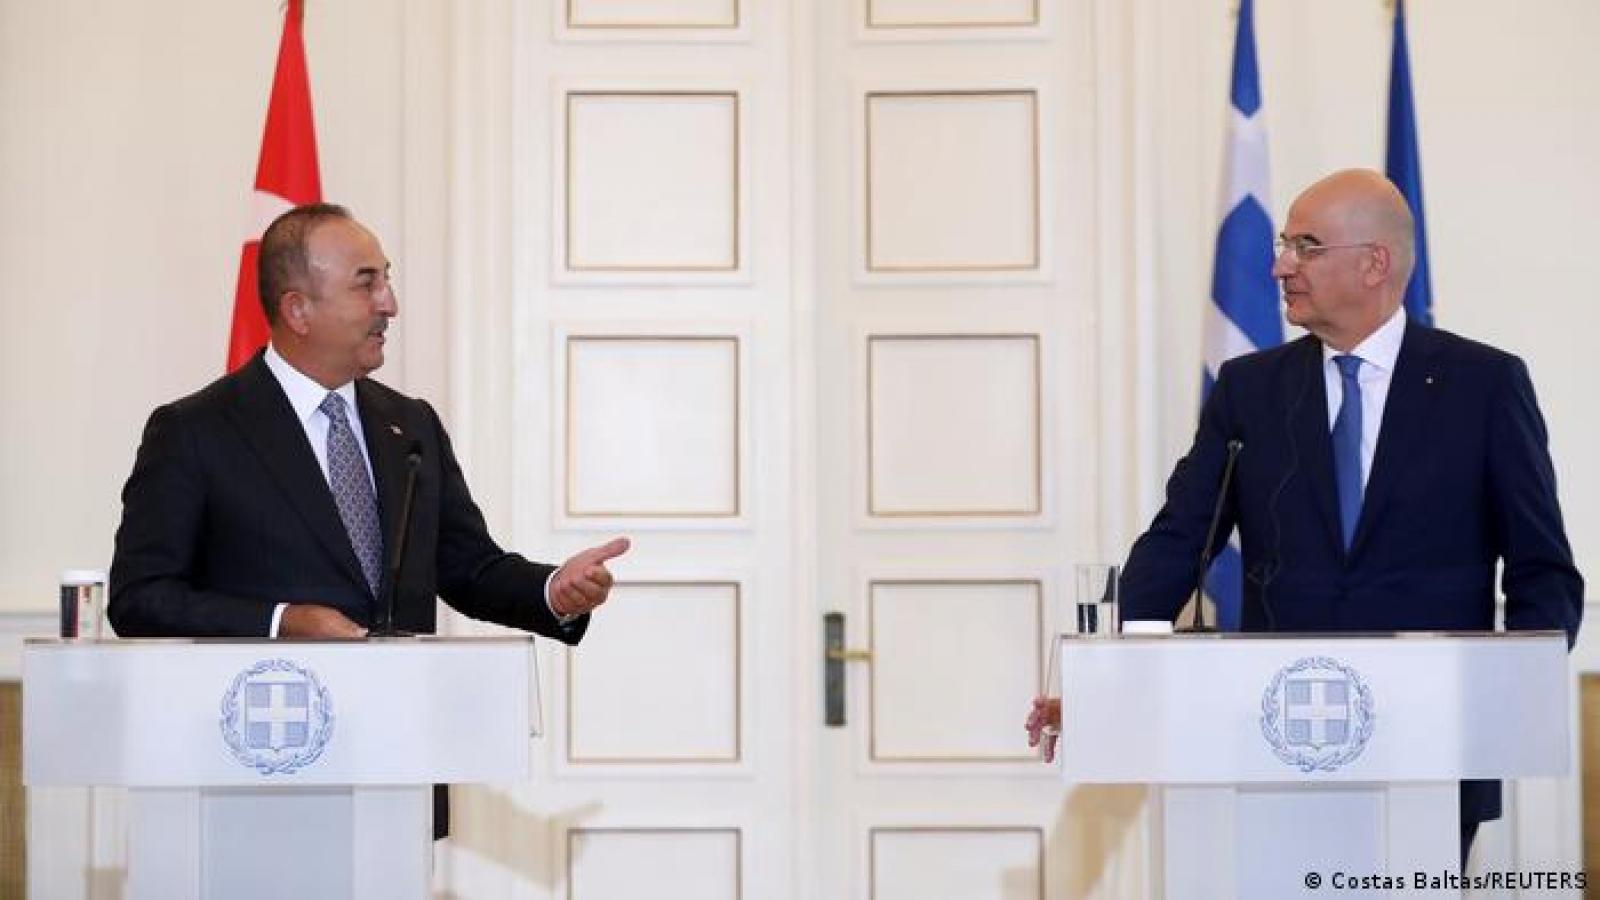 Hy Lạp – Thổ Nhĩ Kỳ: Tiến tới bình thường hóa quan hệ